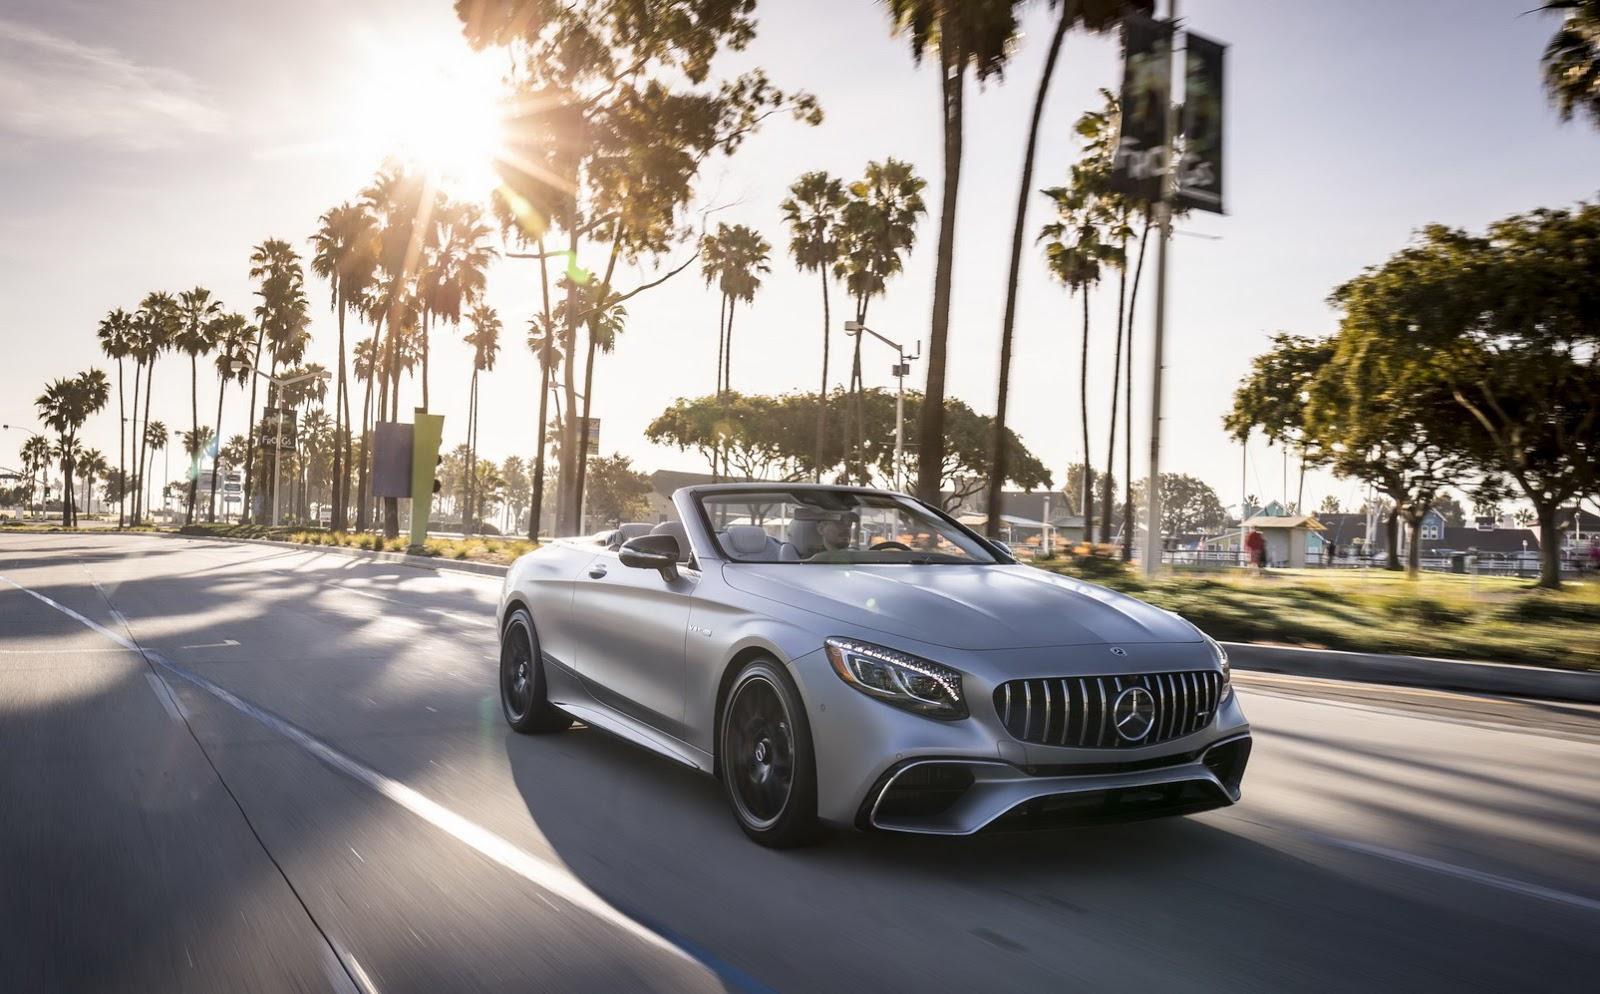 Xe++ - Mercedes-Benz S-Class Cabriolet tại thị trường Anh giá từ 3,5 tỷ đồng (Hình 7).